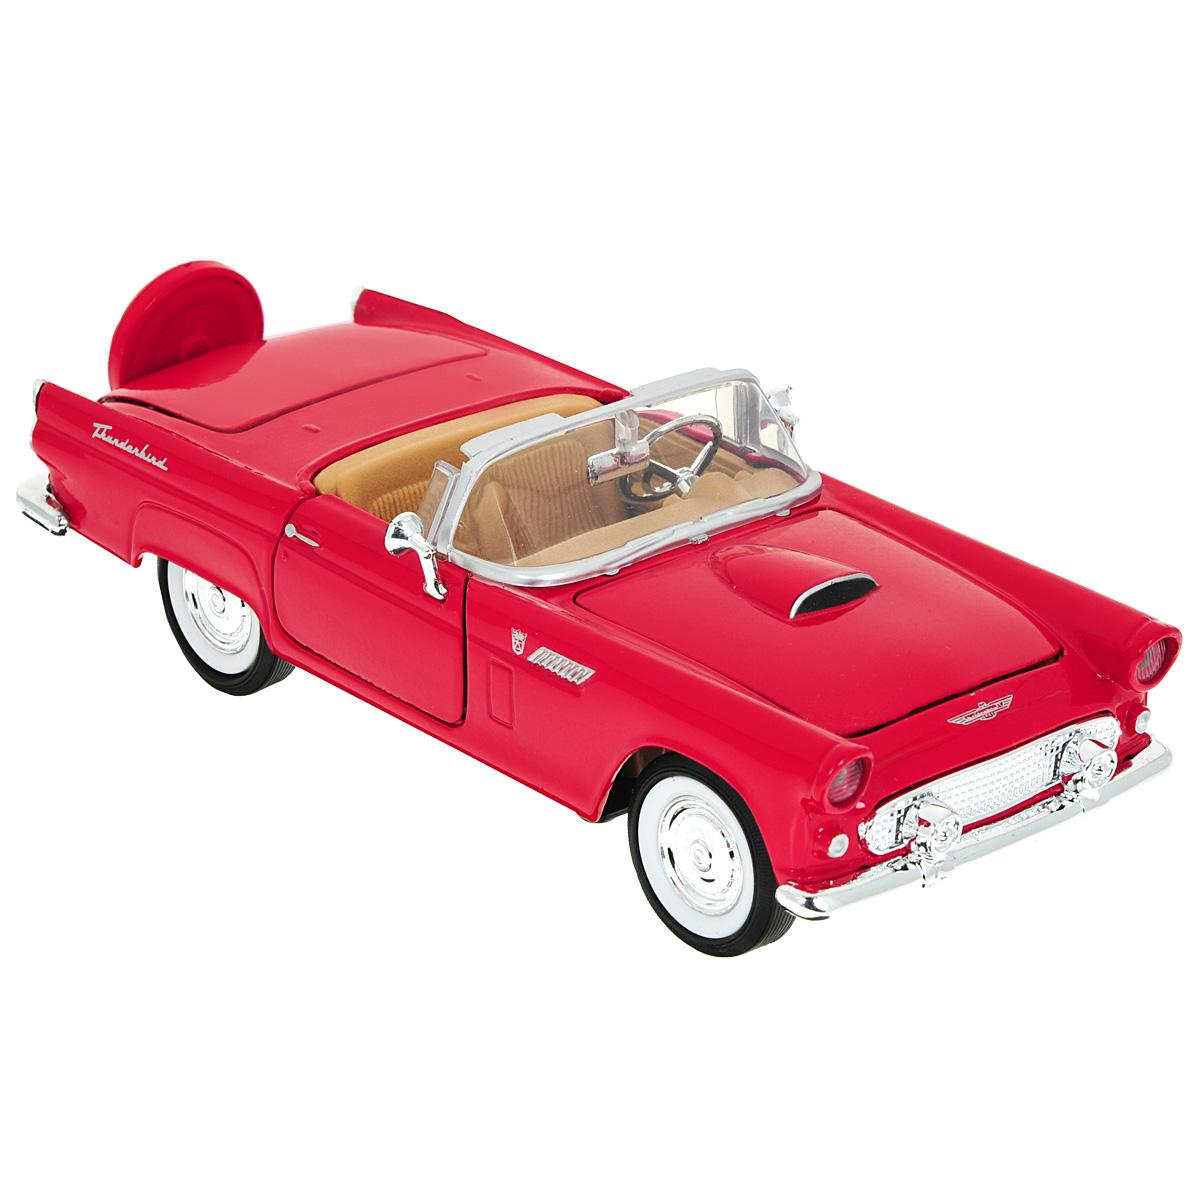 MotorMax Модель автомобиля Ford Thunderbird 1956 цвет красный motormax модель автомобиля corvette 1967 цвет черный